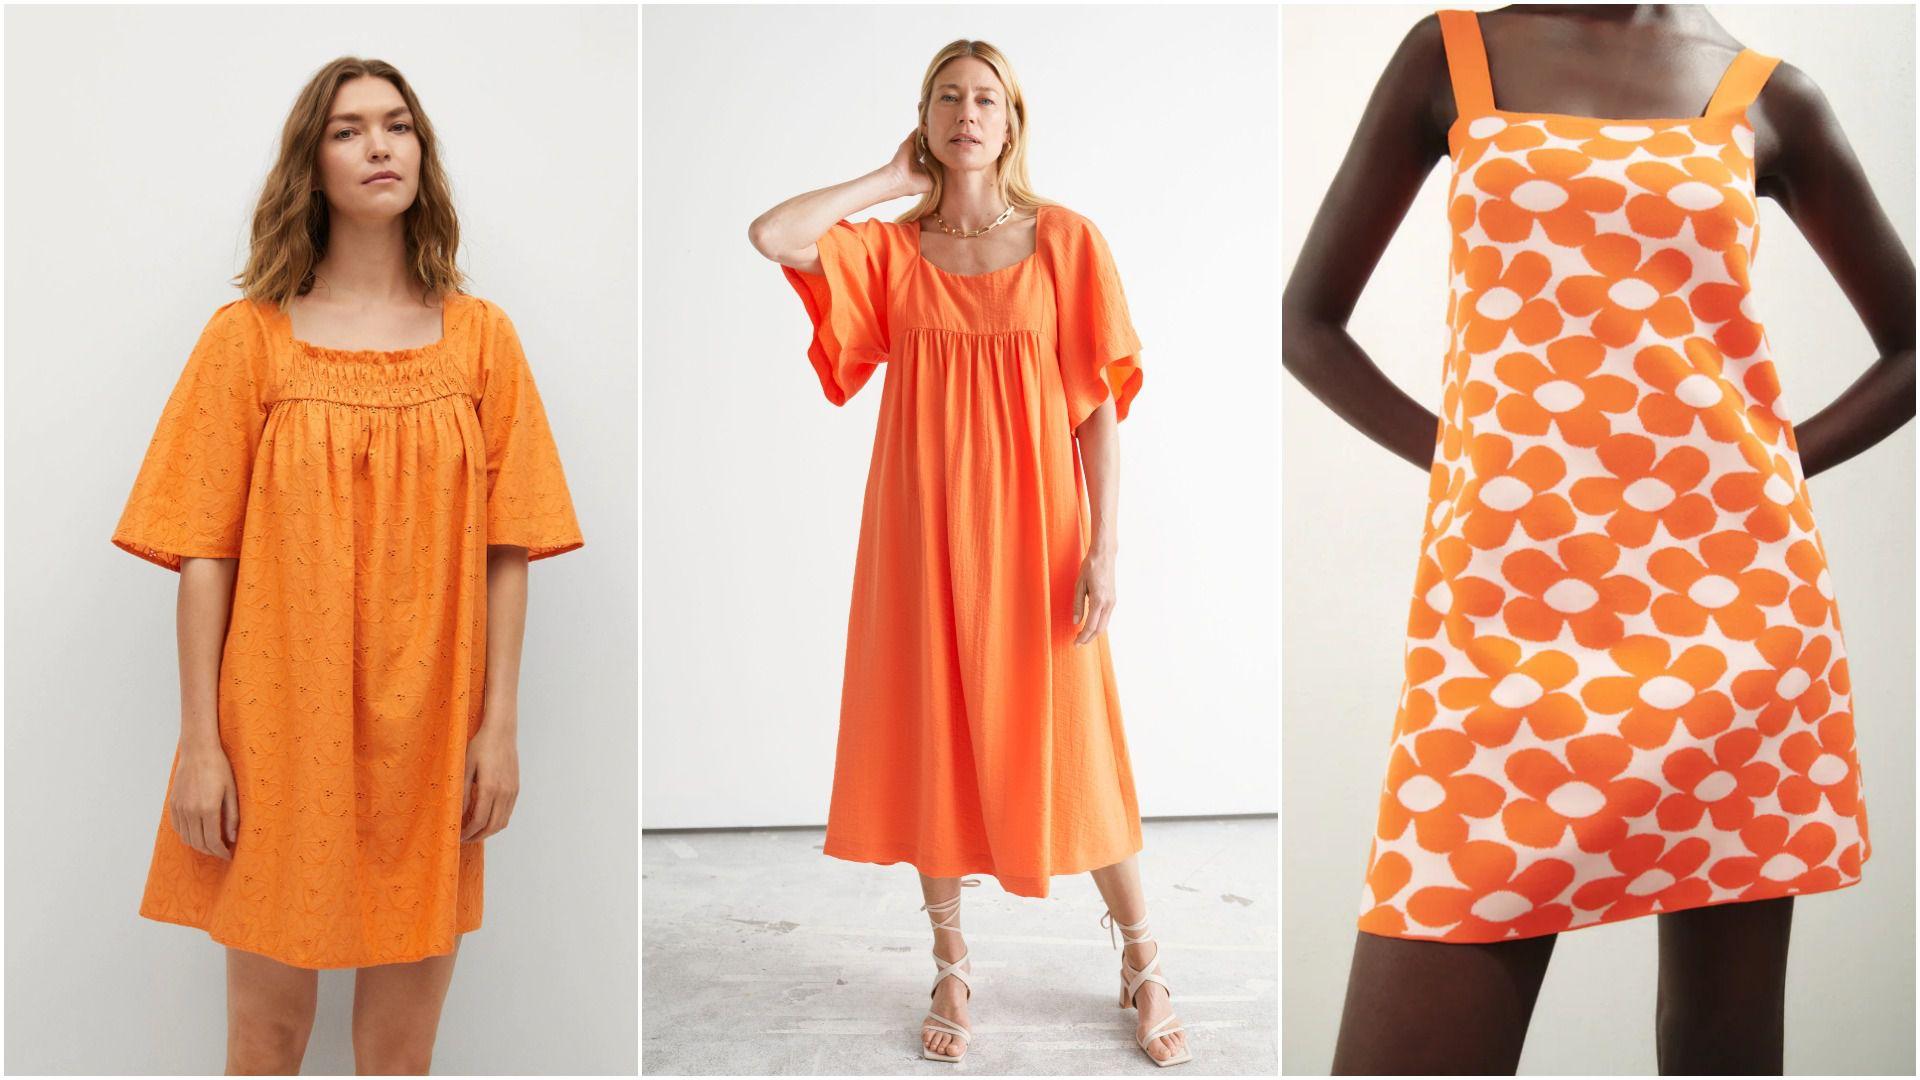 Za prvi dan ljeta izabrali smo najljepše komade u svim nijansama narančaste, već od 79,90 kn